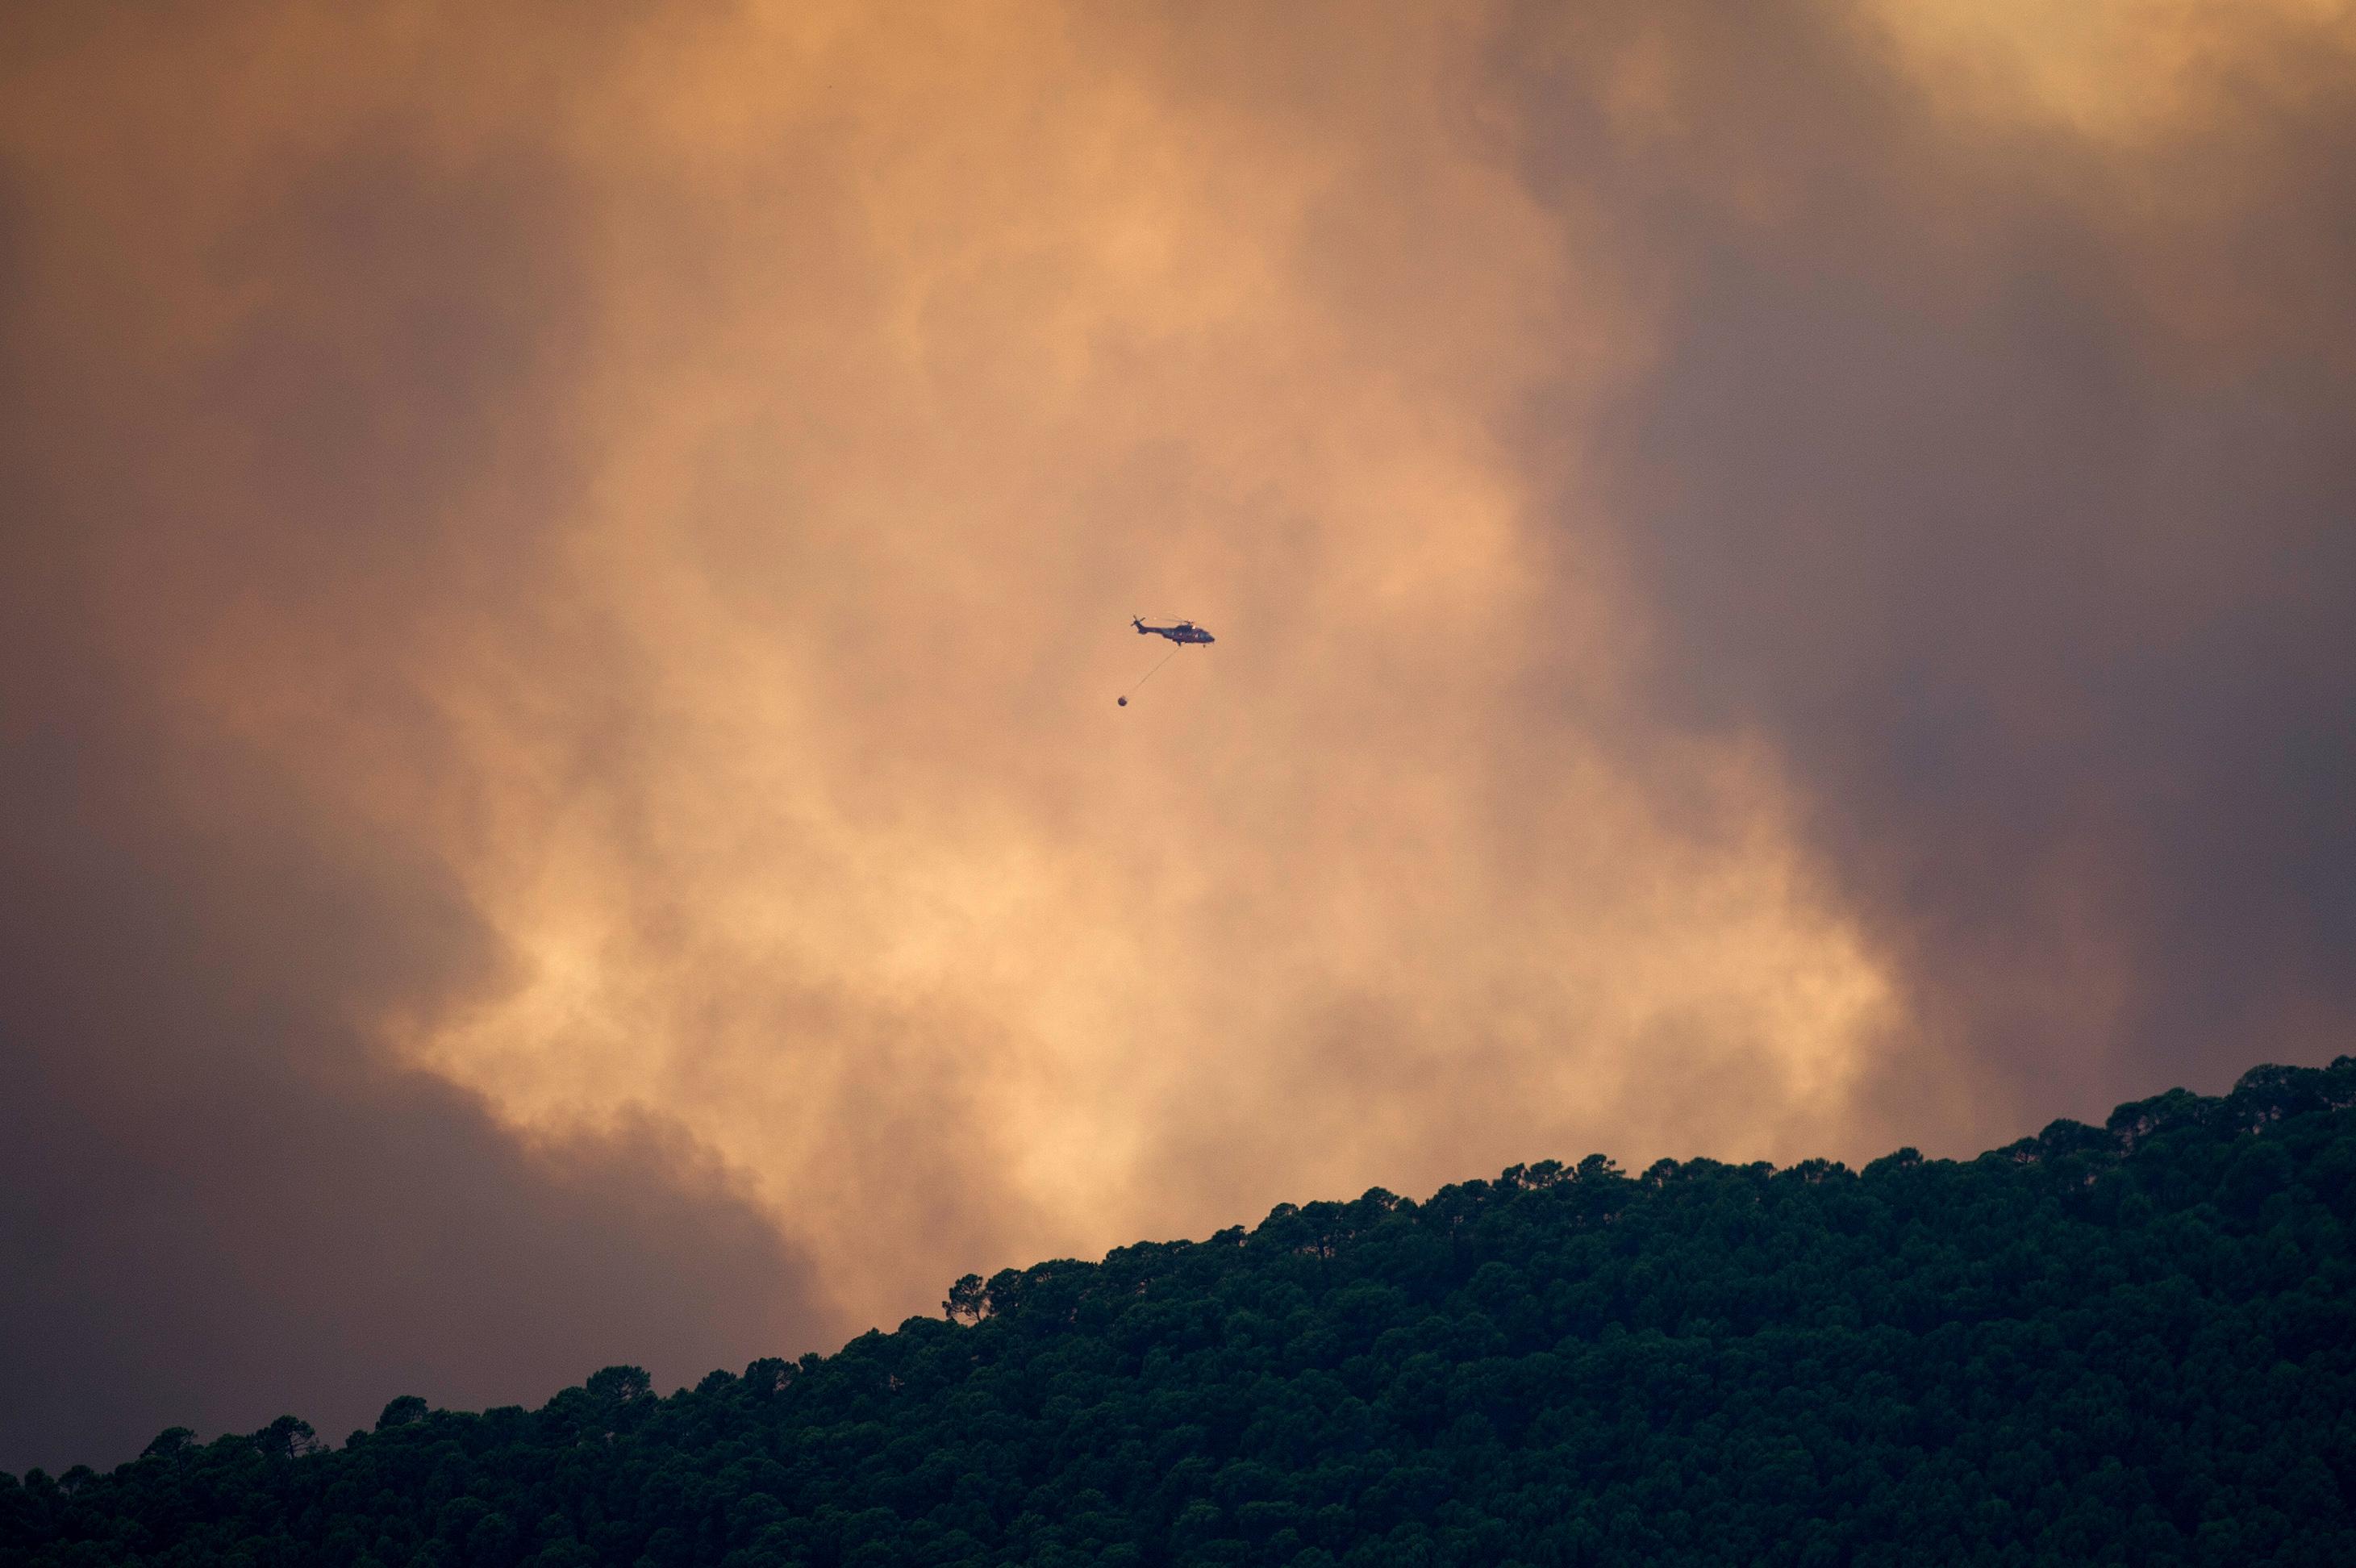 Több mint 900 embert evakuáltak egy spanyol erdőtűz miatt, egy tűzoltó meghalt